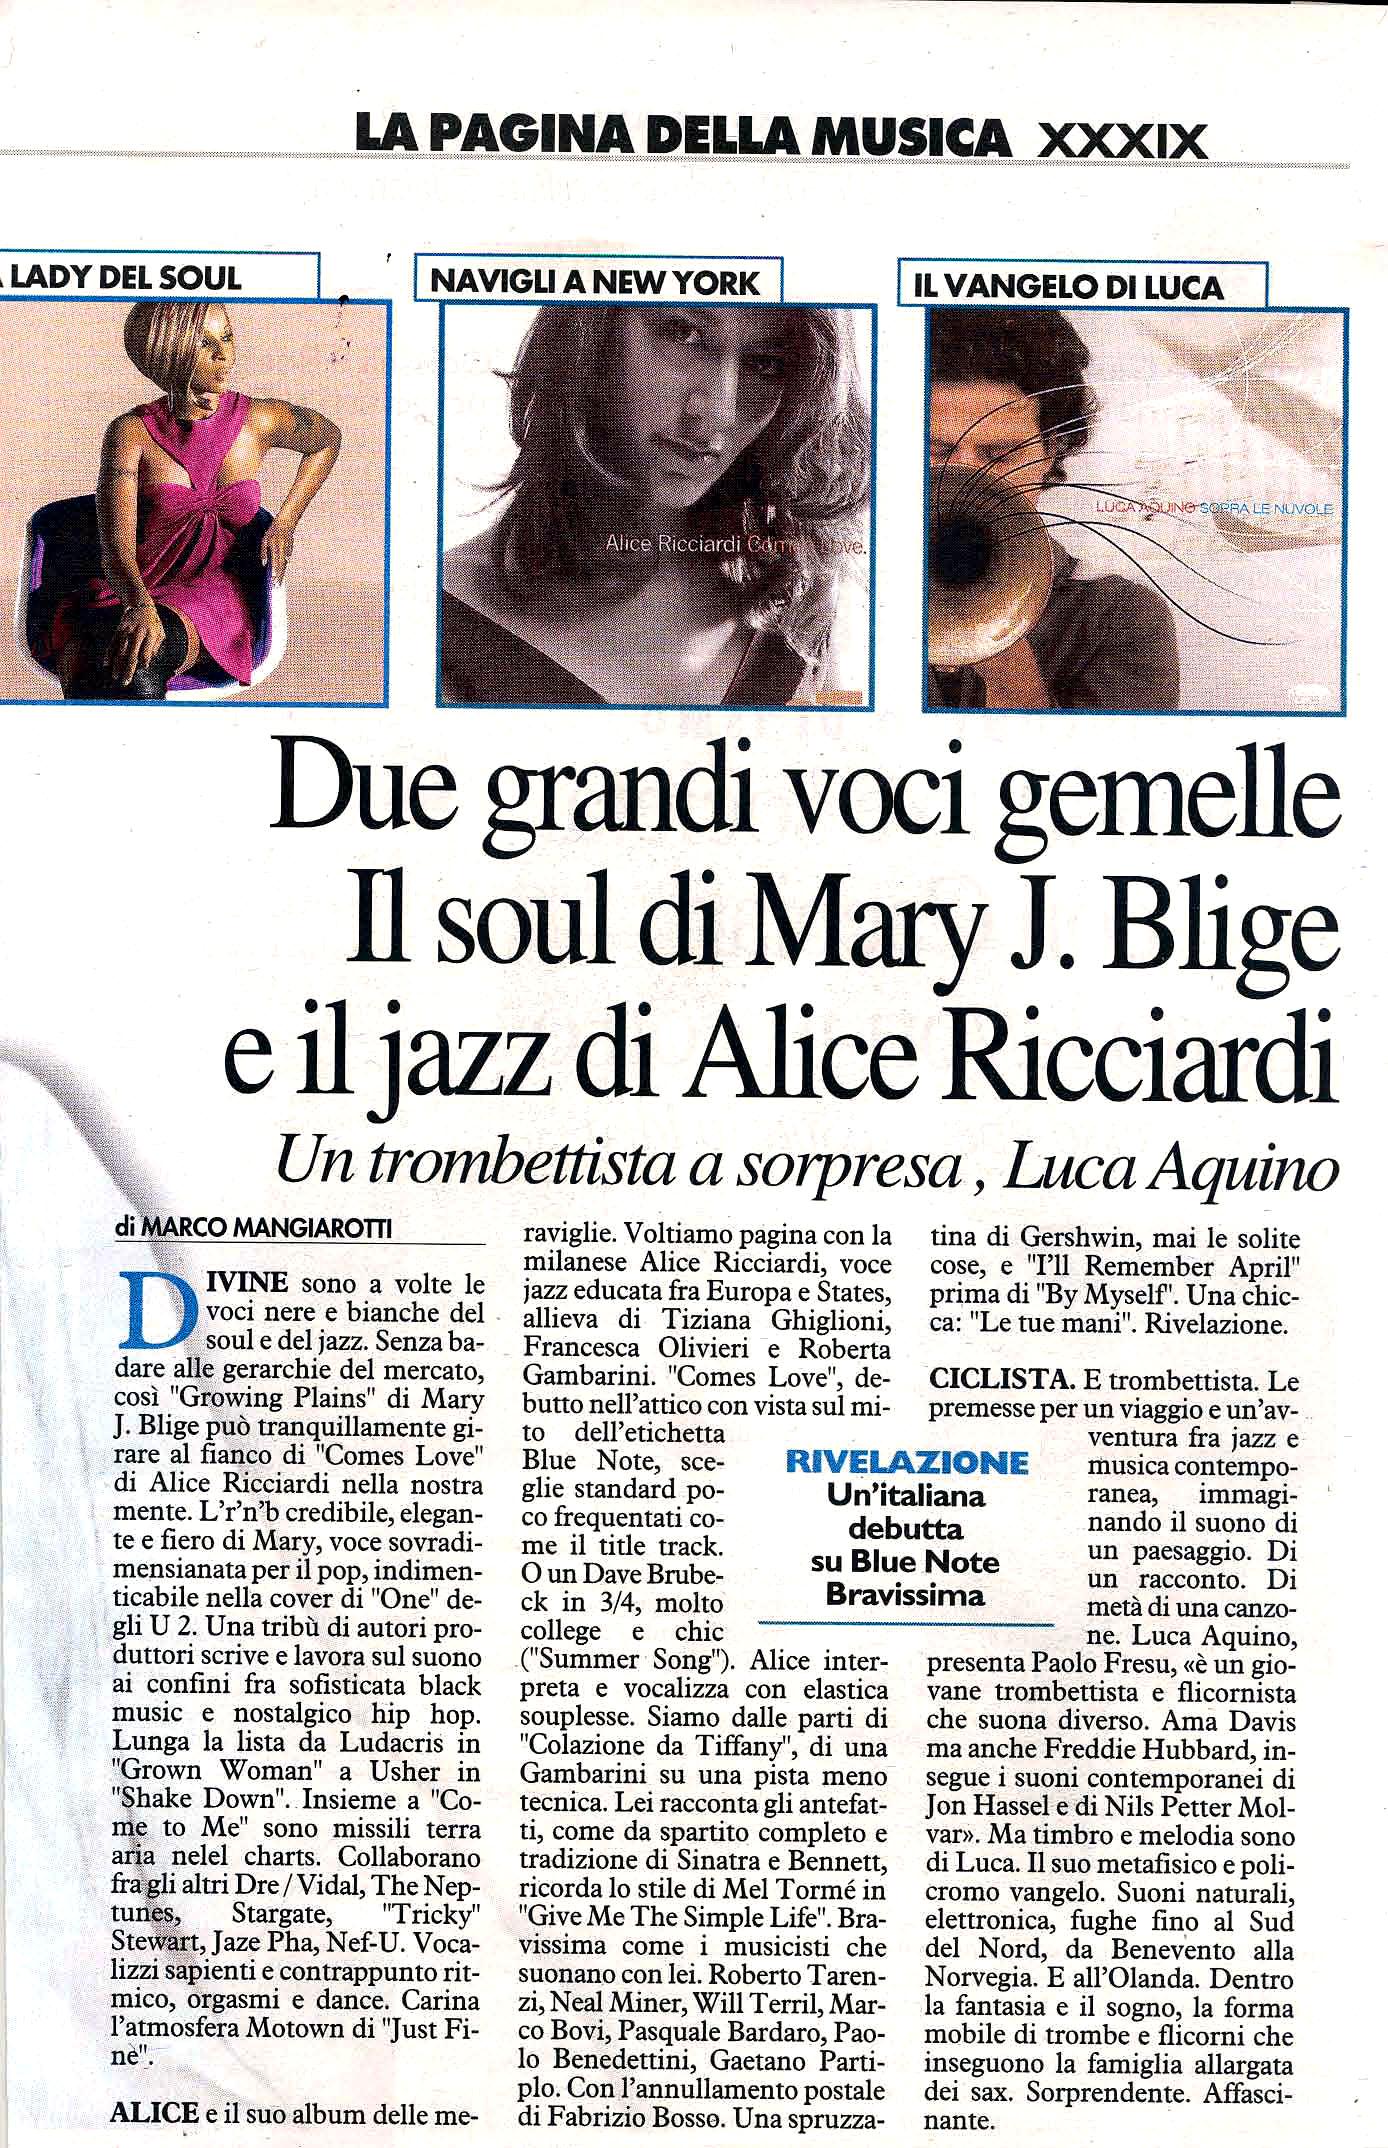 Il Giornale by M. Mangiarotti